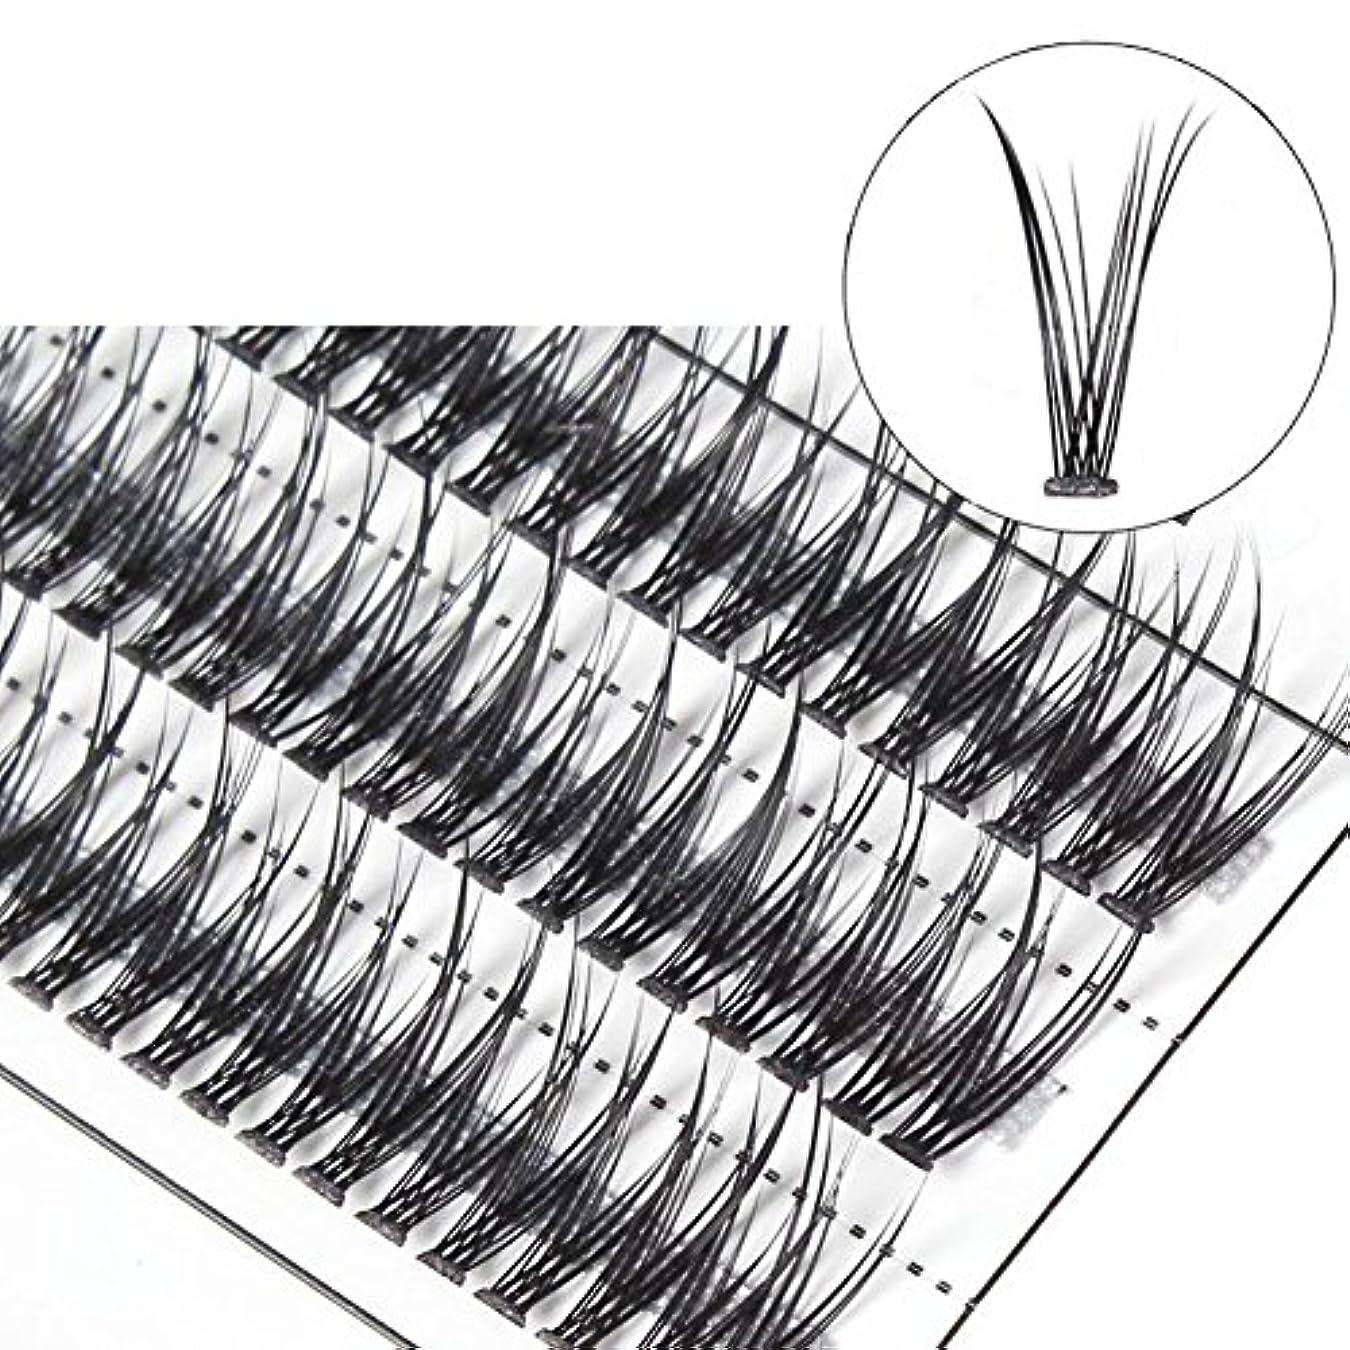 害医薬伝説goupgolboll-女性交差グラフト個々の天然つけまつげまつげエクステ - 10 mm